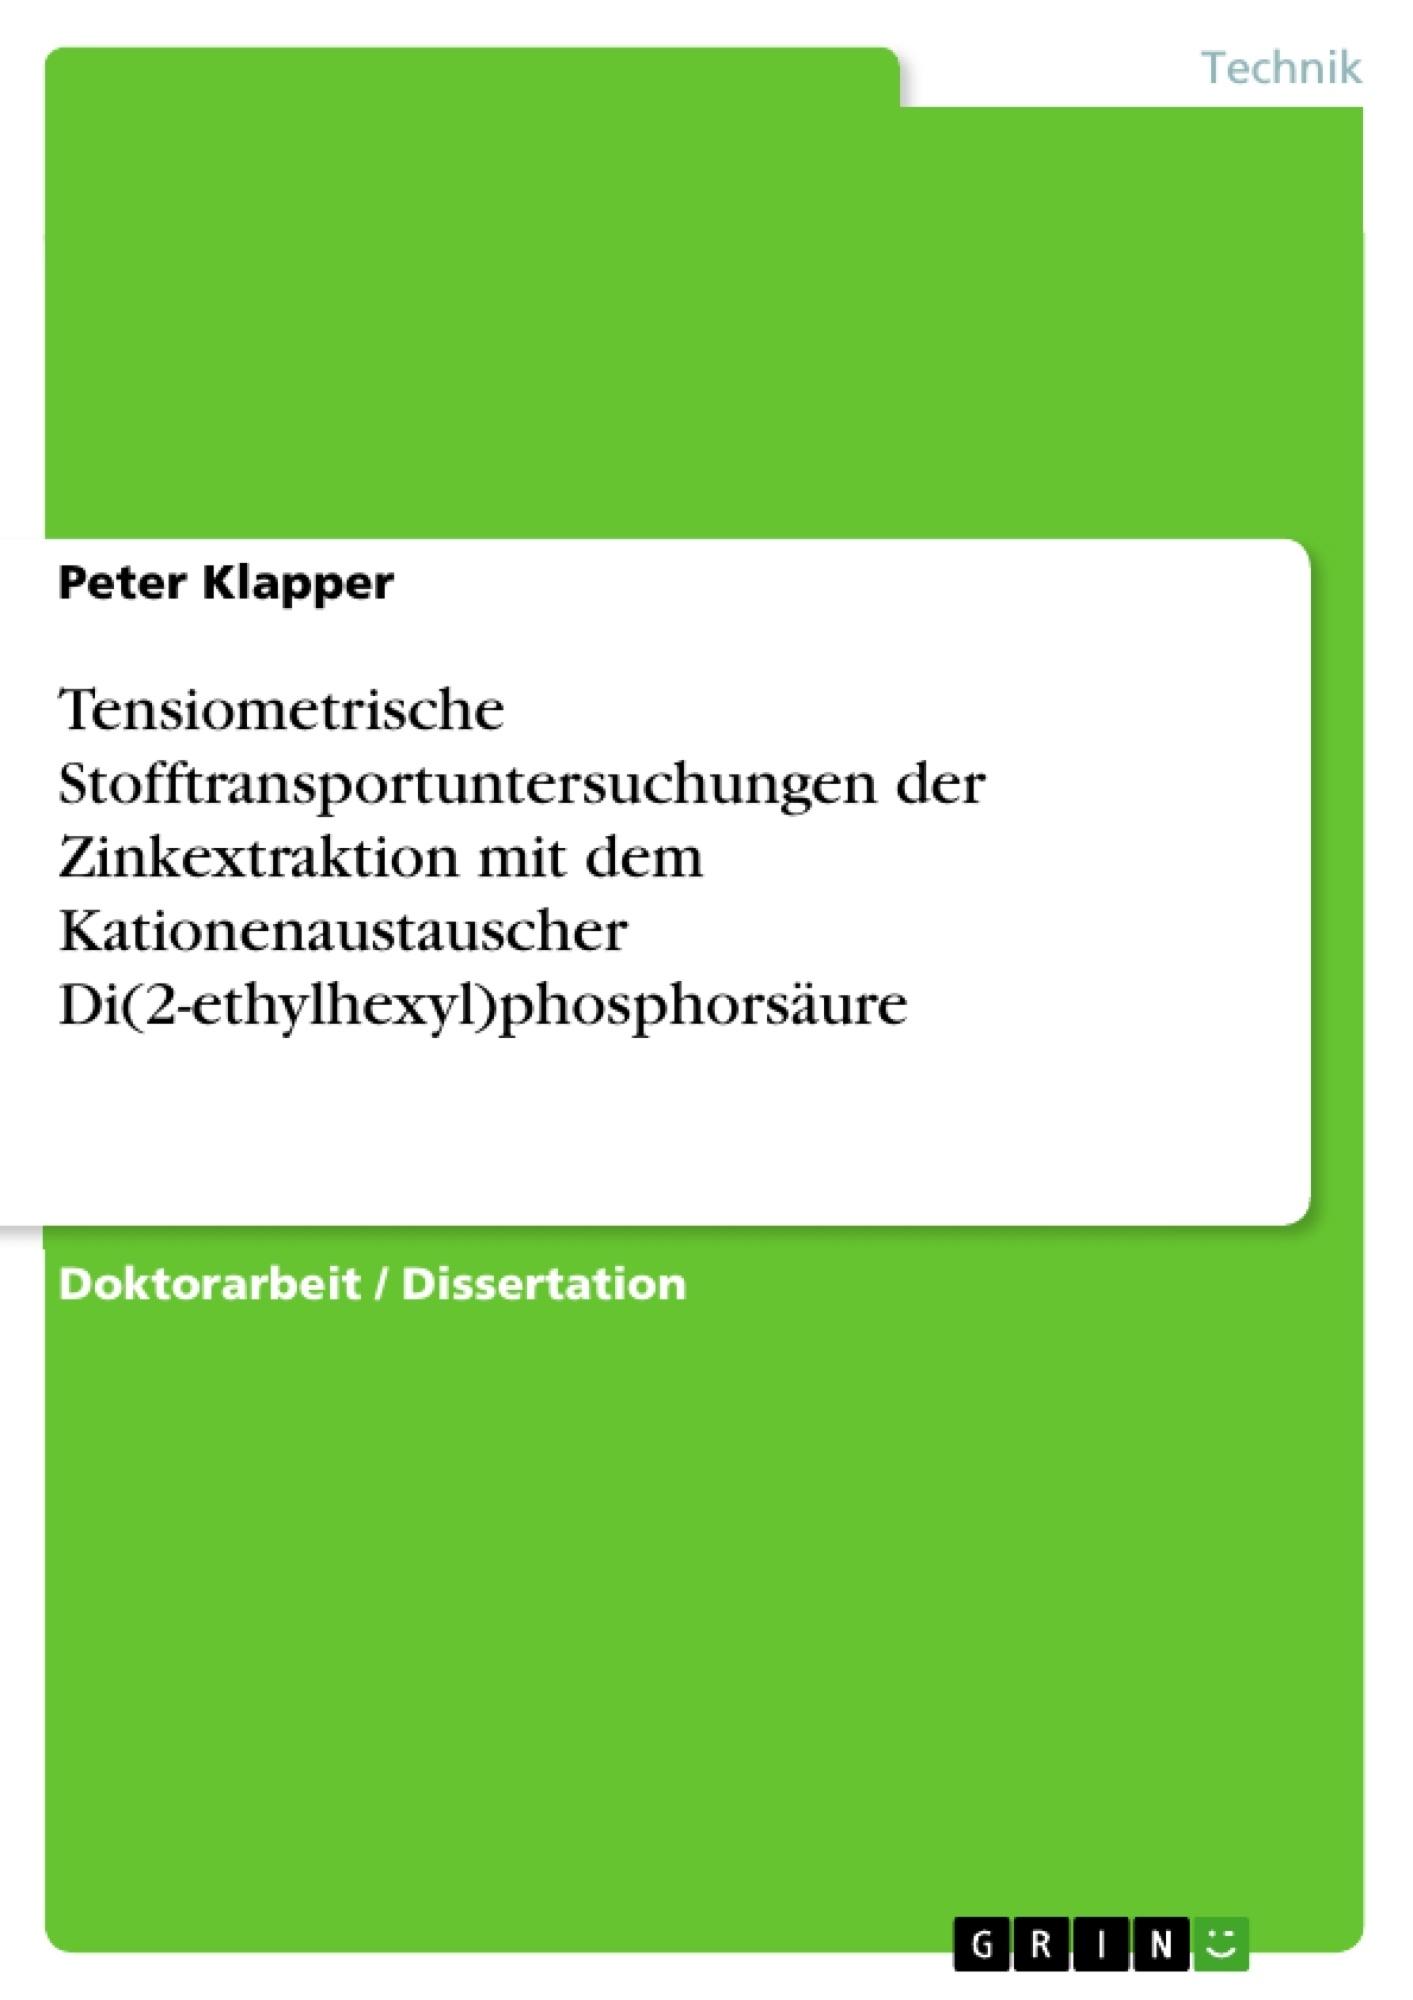 Titel: Tensiometrische Stofftransportuntersuchungen der Zinkextraktion mit dem Kationenaustauscher Di(2-ethylhexyl)phosphorsäure